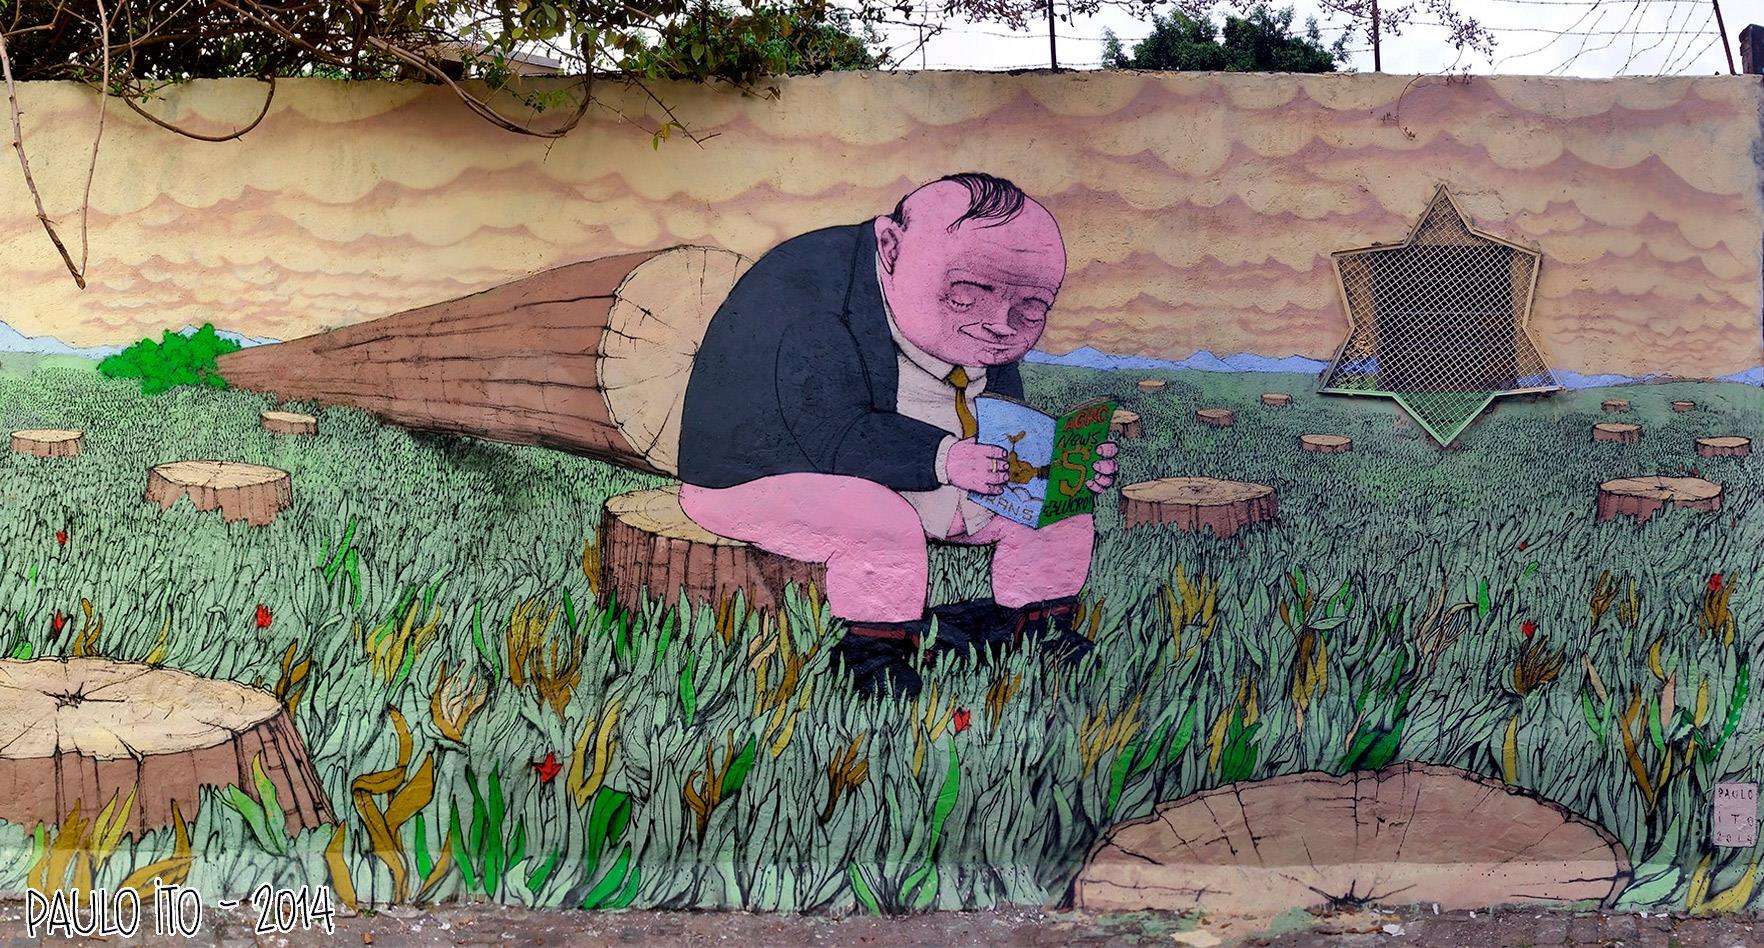 paulo-ito-graffiti-dionisio-arte-4